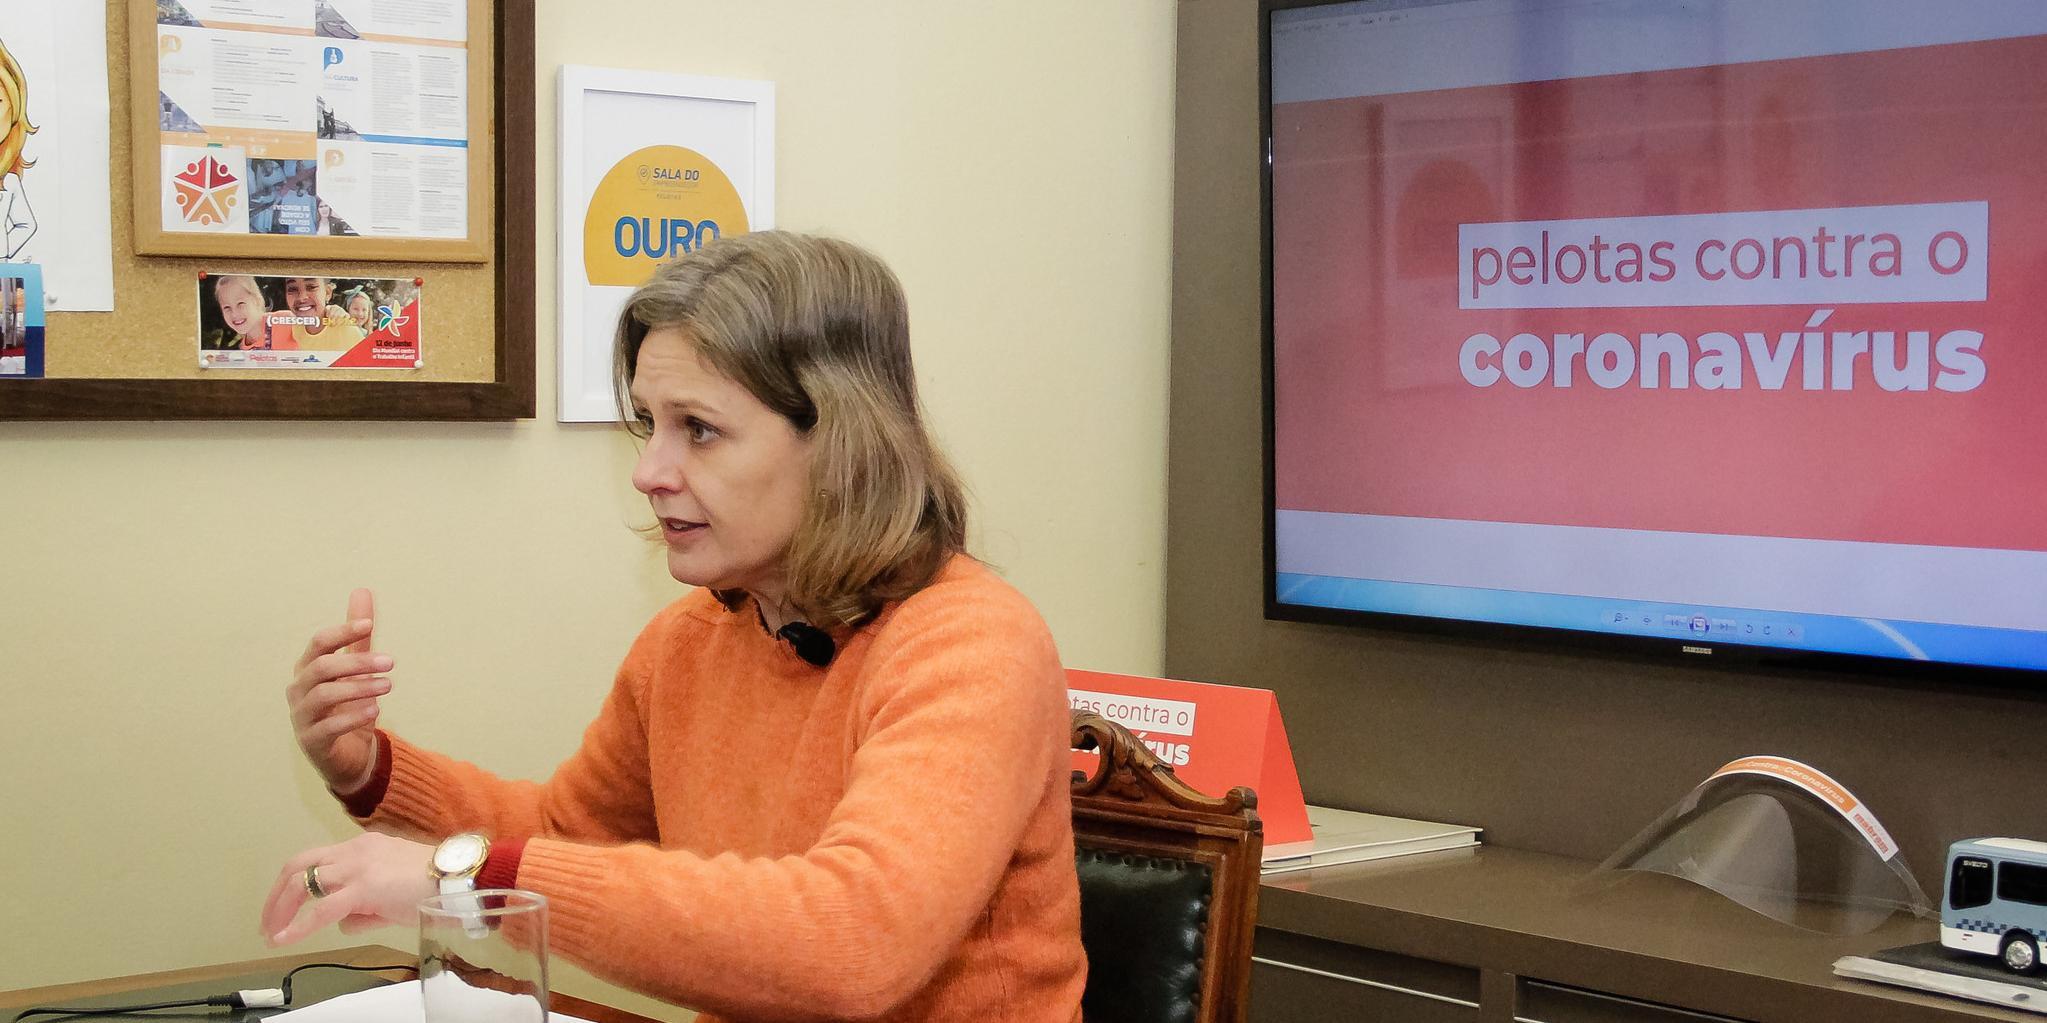 Objetivo da legislação sancionada pela prefeita Paula Mascarenhas no último dia 3 é combater a Covid-19 na cidade